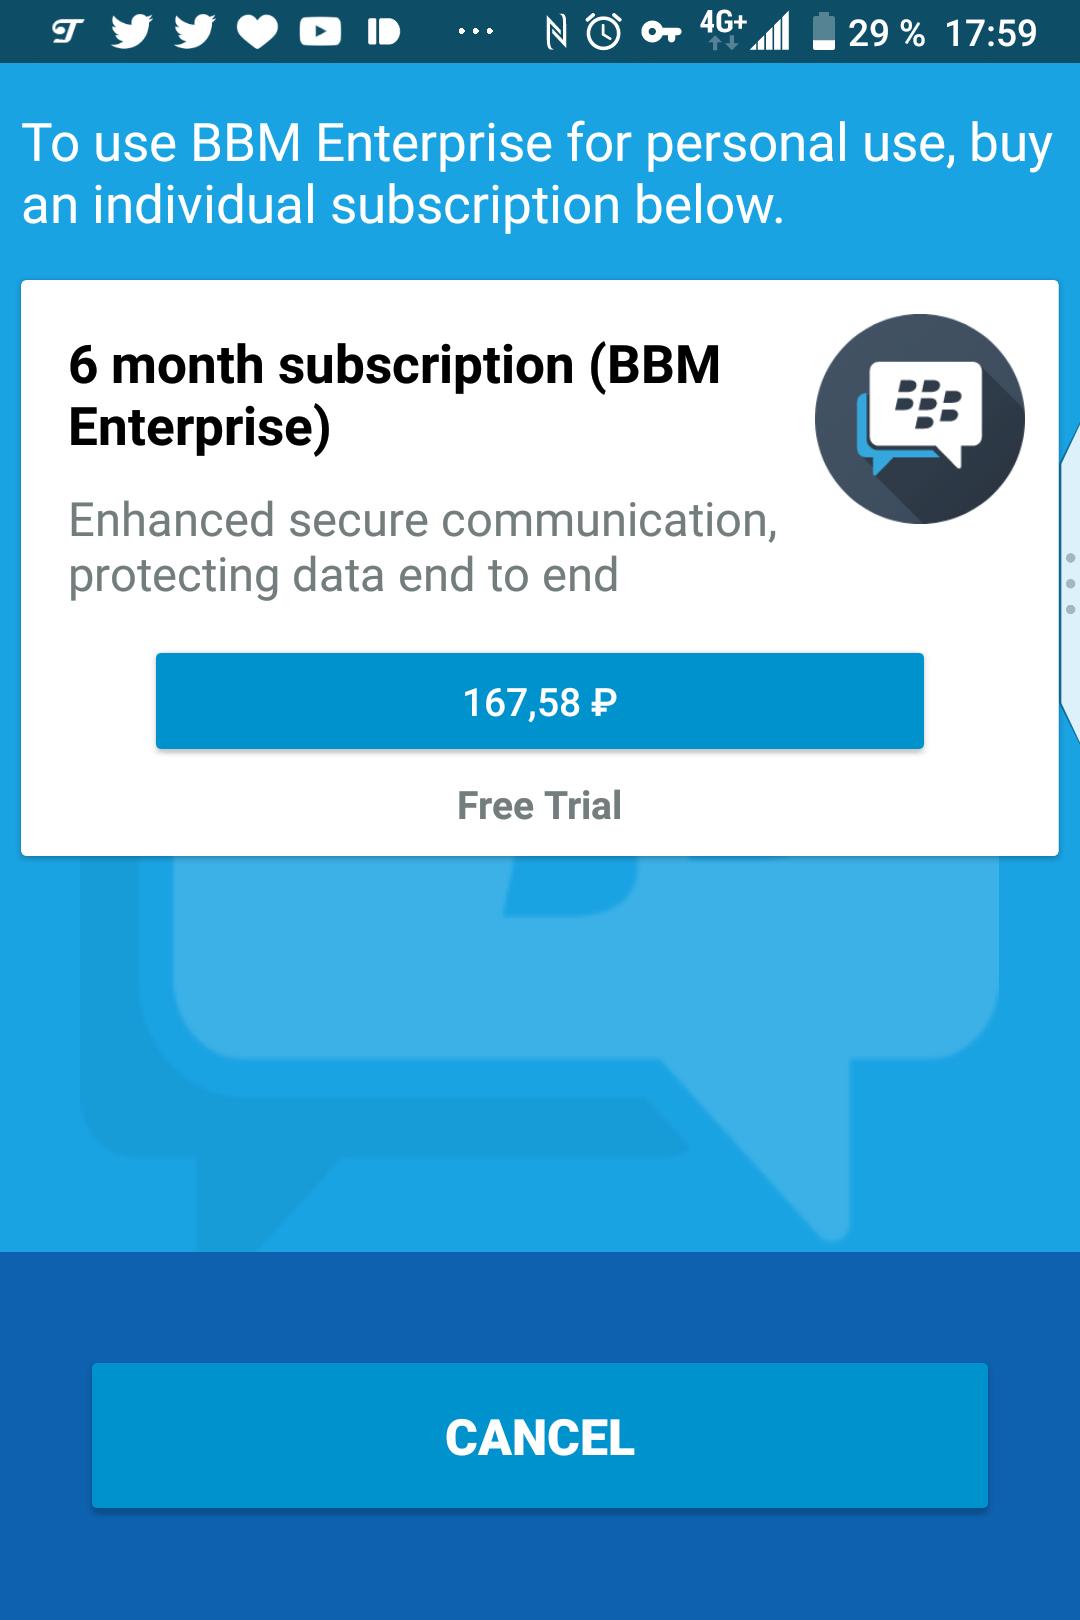 Emtek завершит поддержку пользовательской версии BBM 31 мая